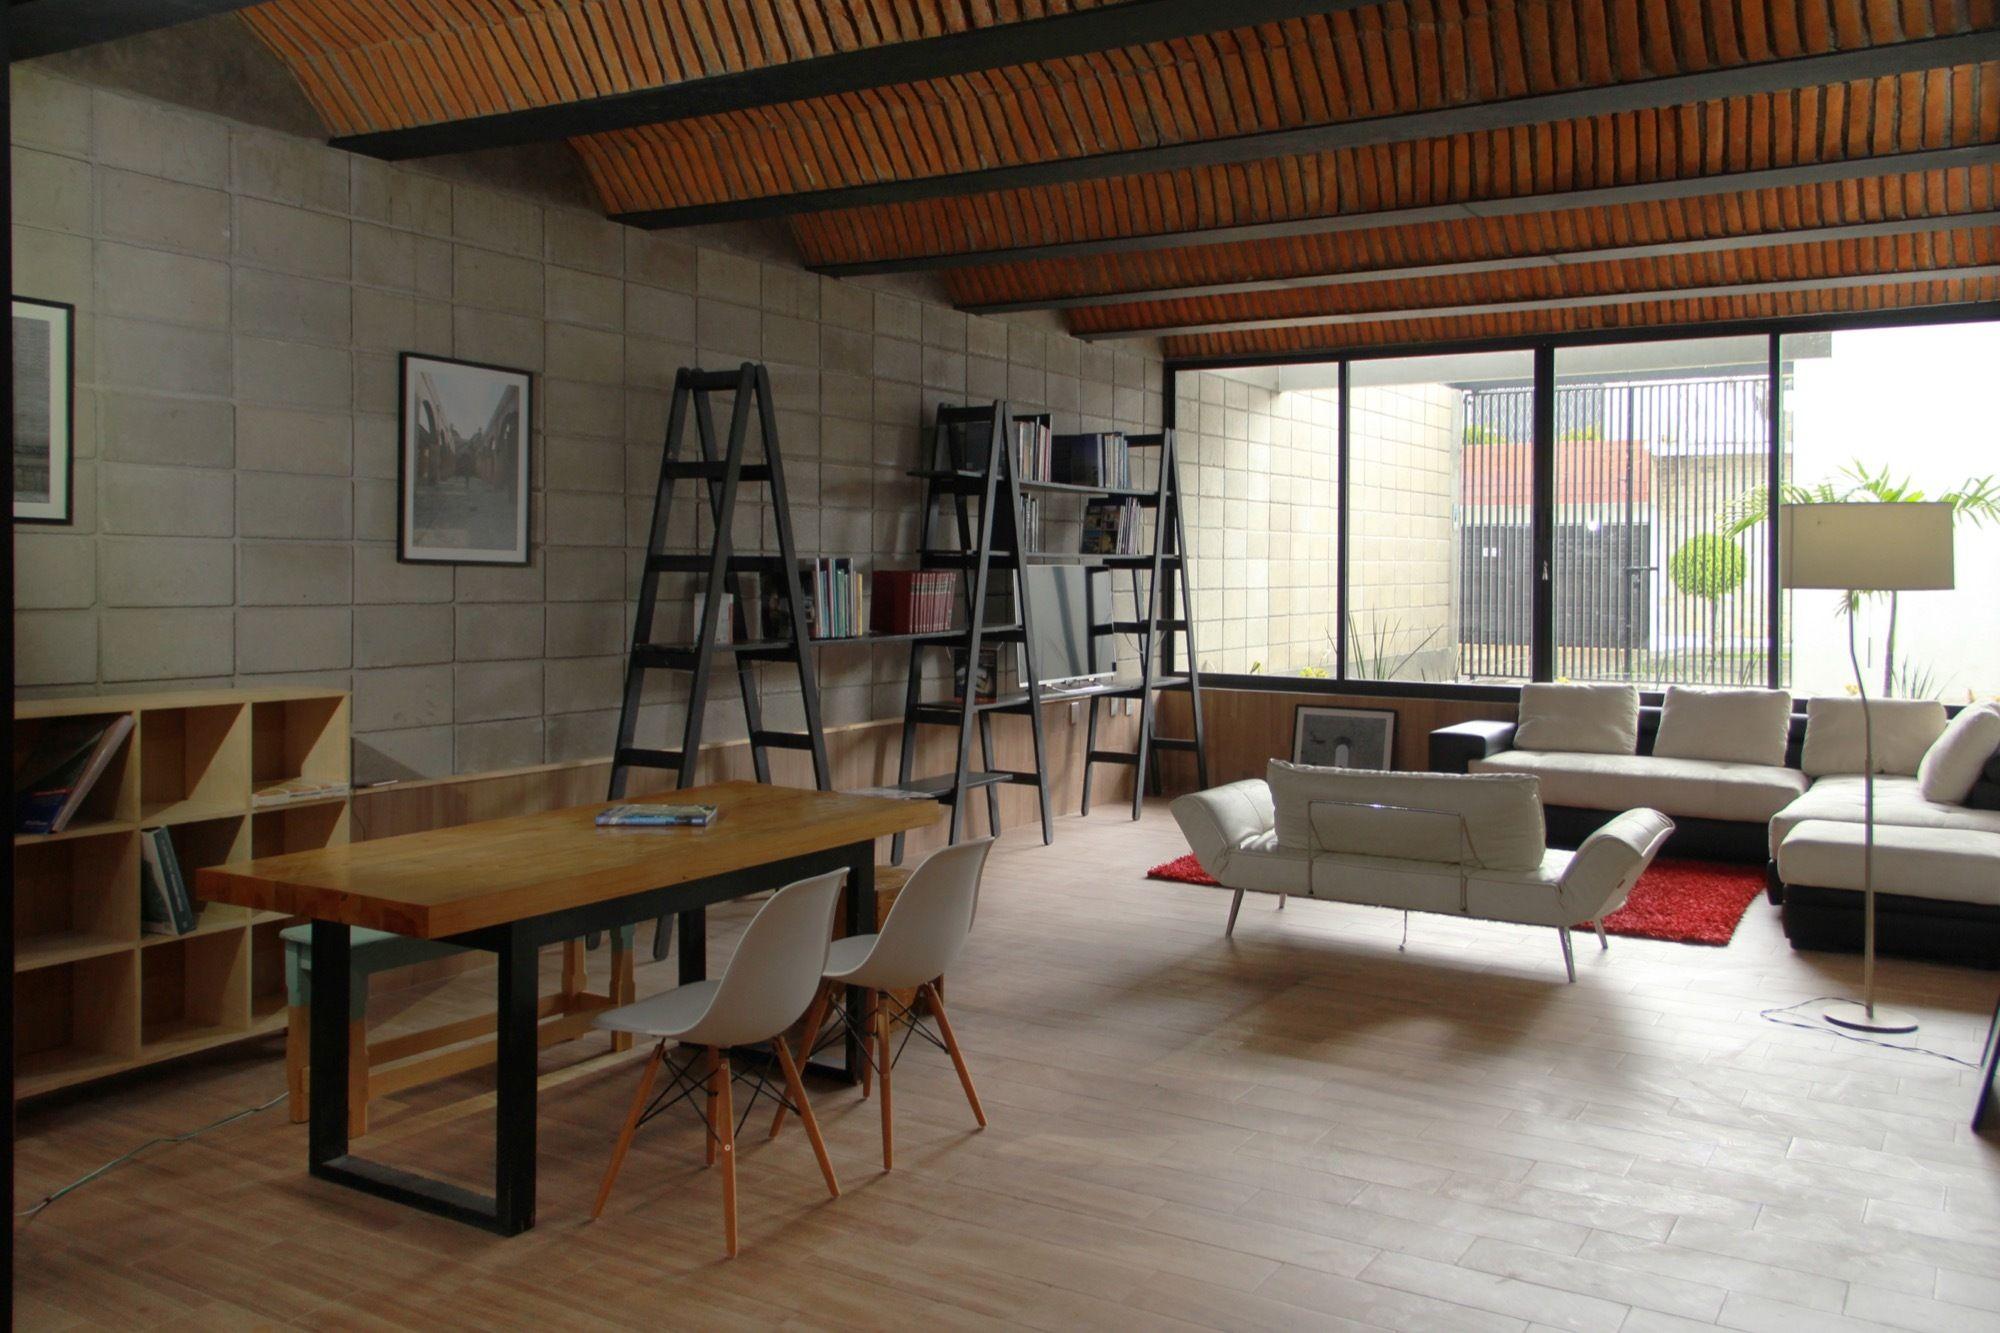 Galer a de casa jard n apaloosa estudio de arquitectura for Oficinas de diseno y arquitectura